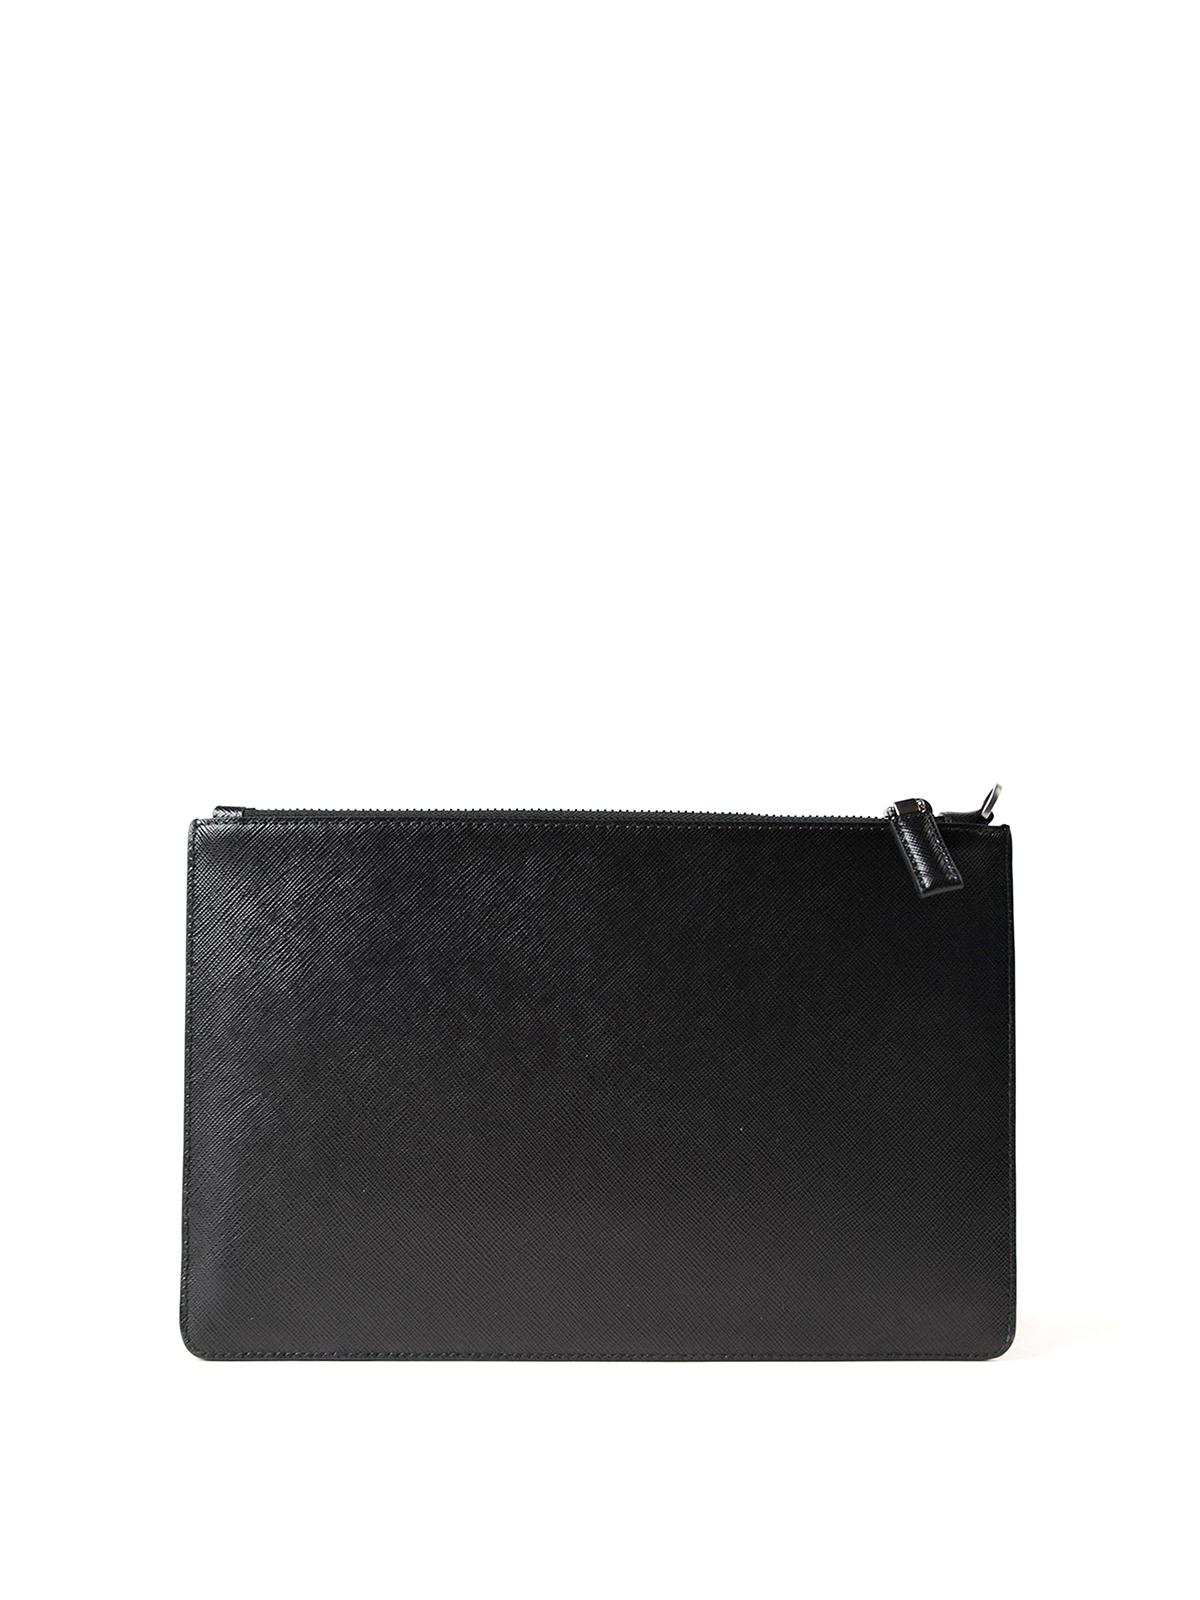 logo tone on tone wallet Prada 7gppd